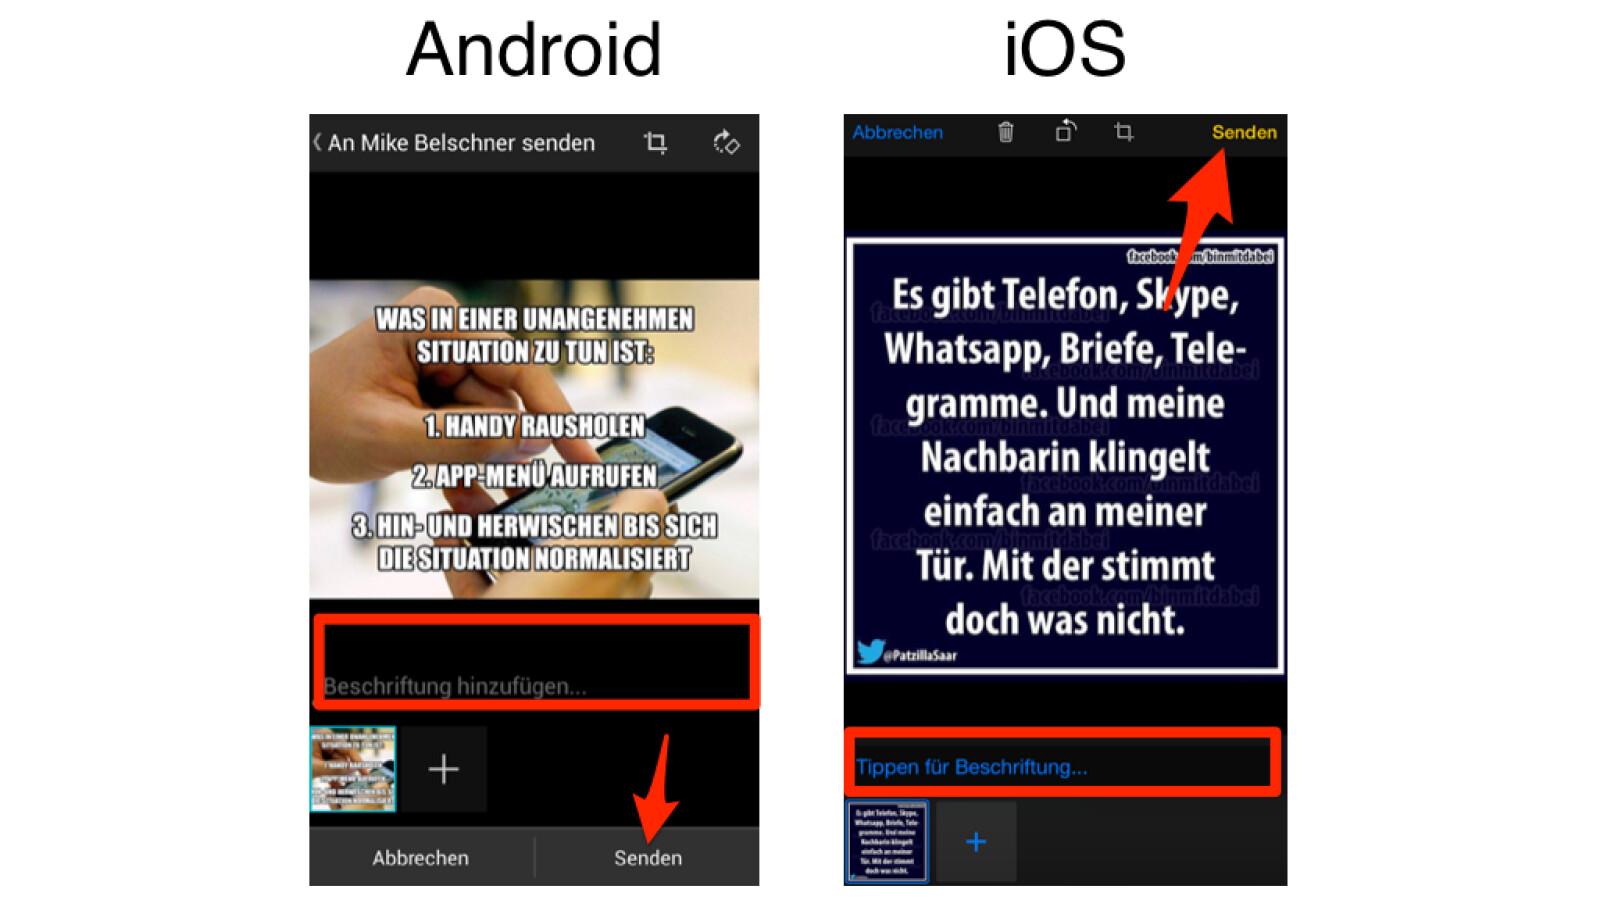 Bilder von Webseiten per WhatsApp versenden (Android/iOS